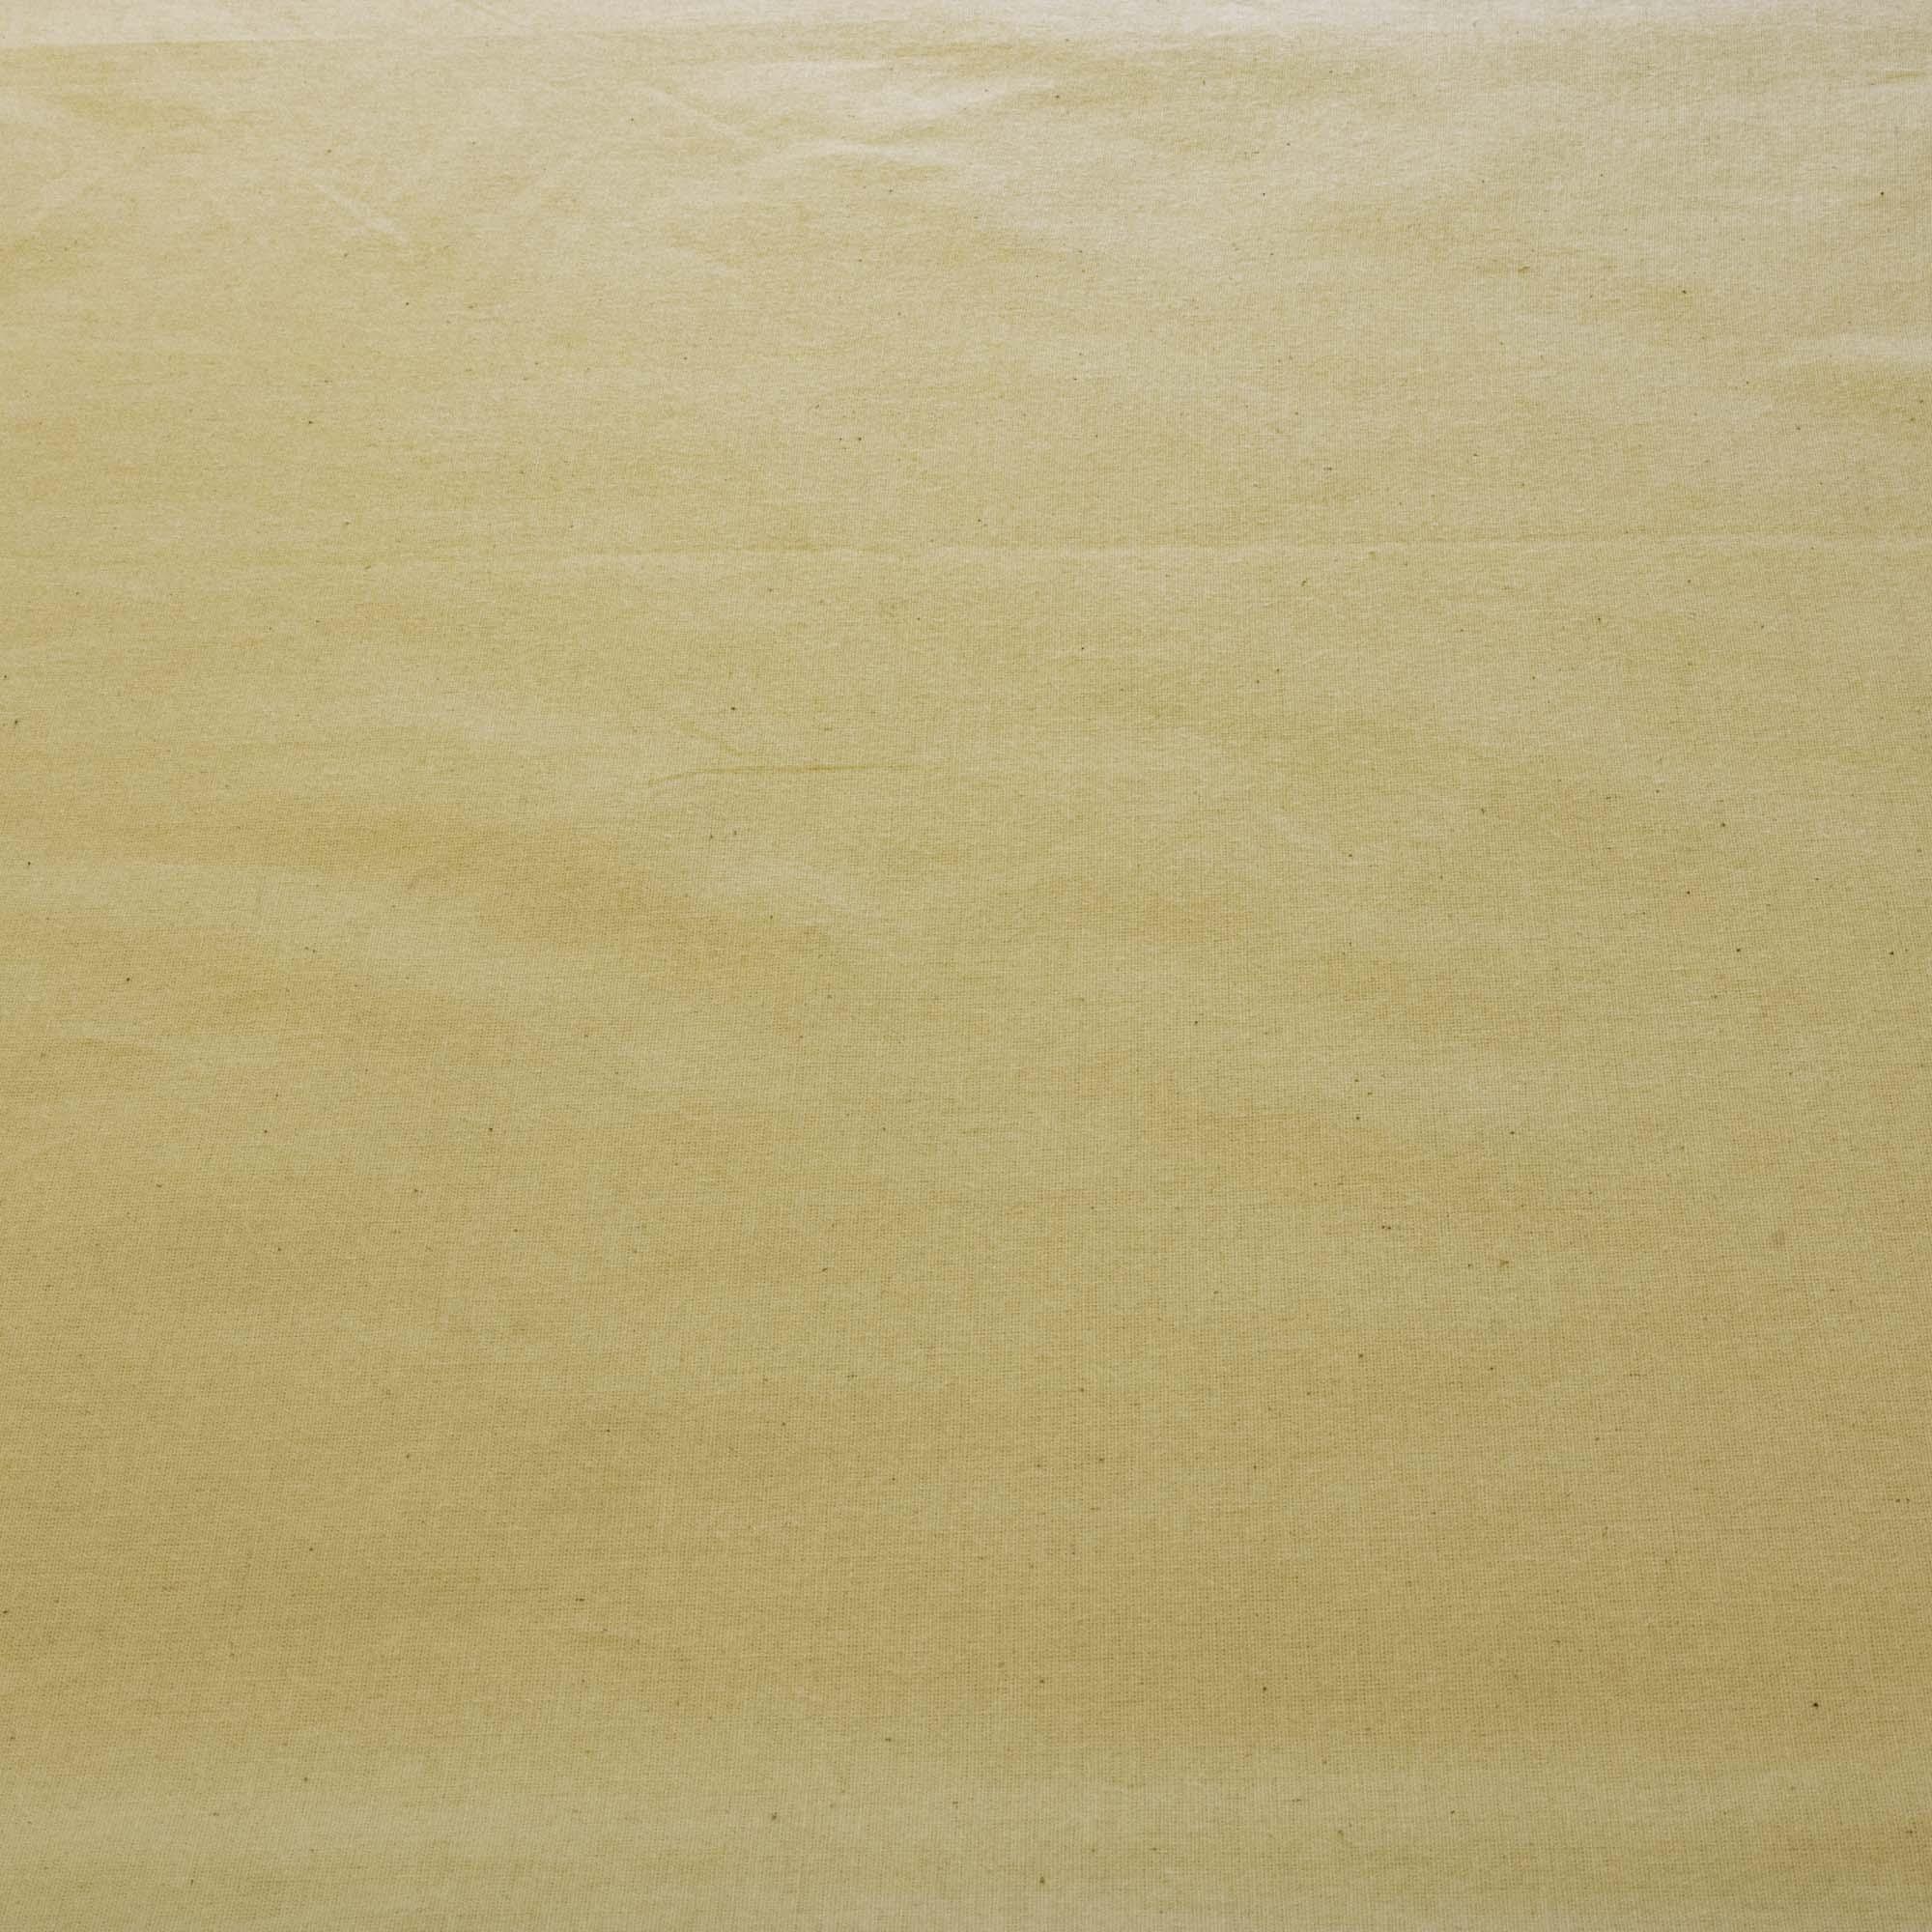 Tecido Algodao Cru Medio 100% Algodao 1,50 Mt Largura